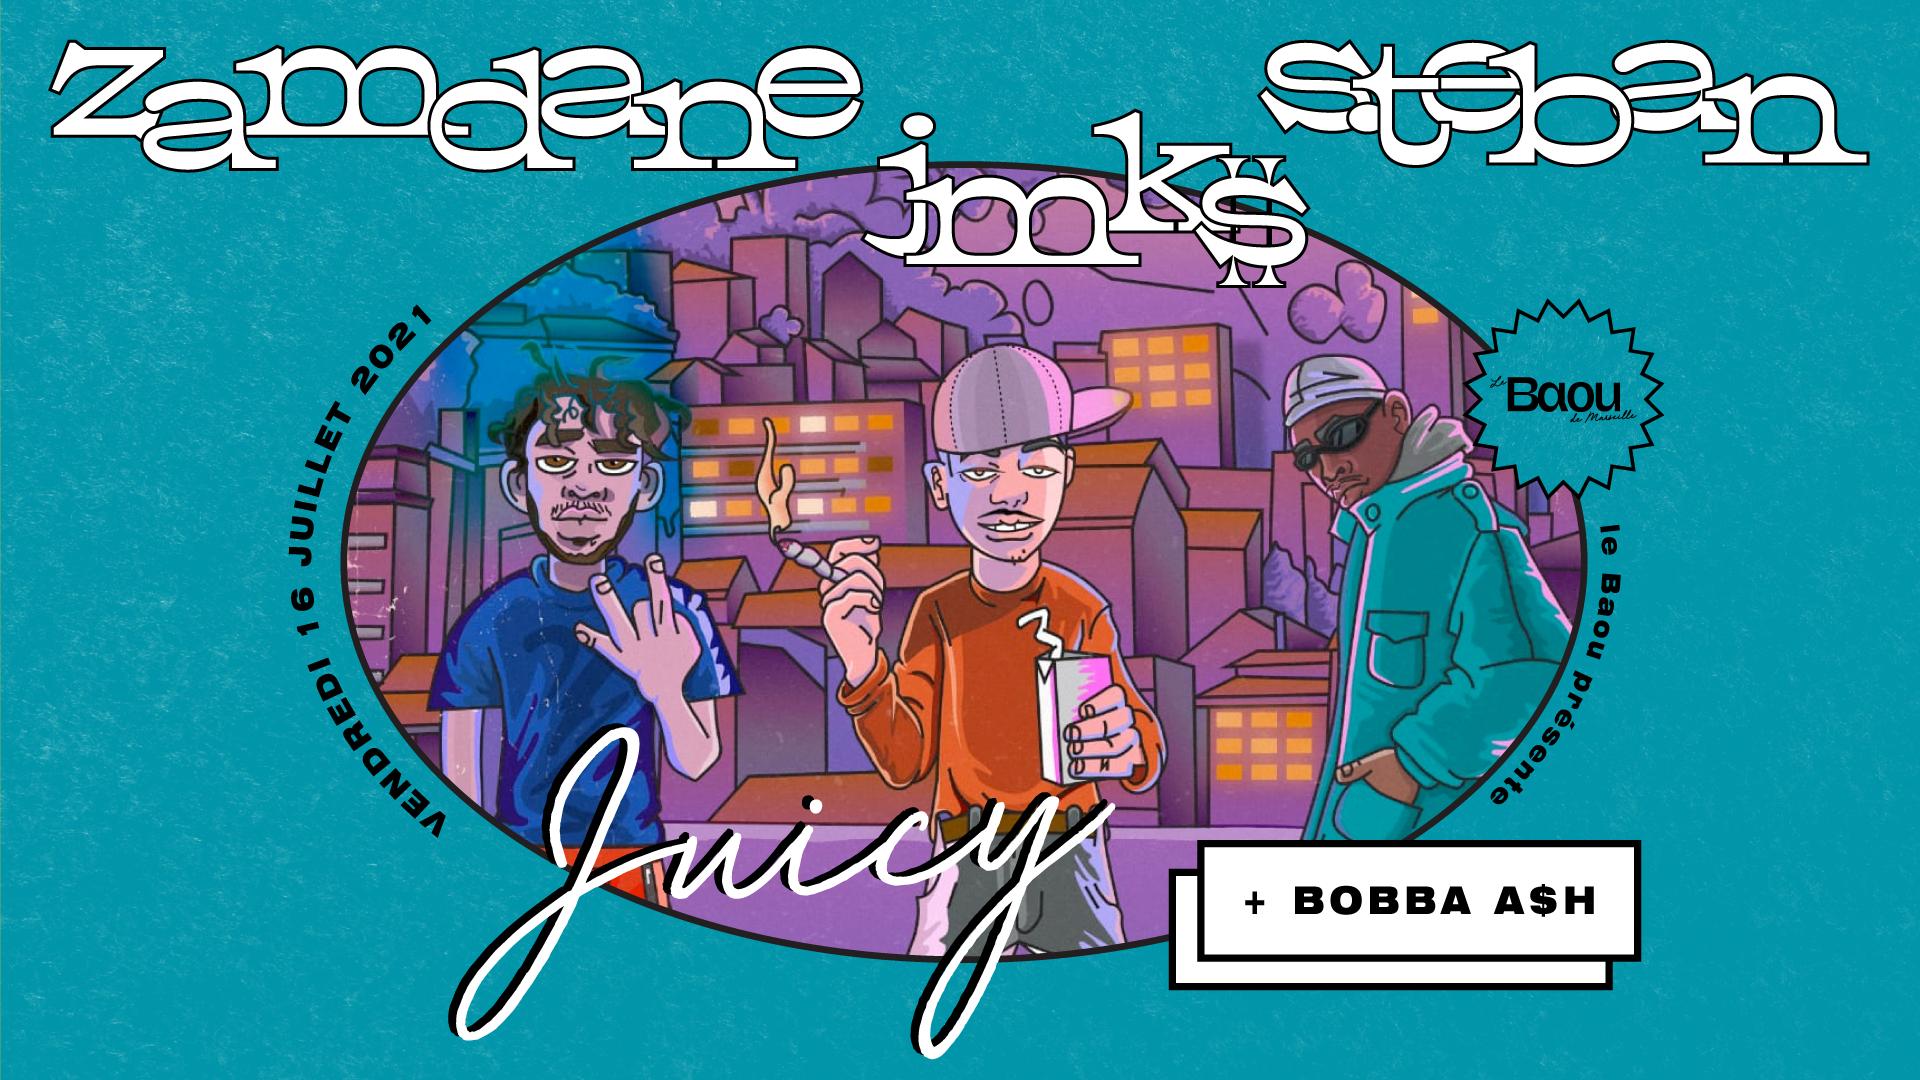 JUICY : Zamdane / JMK$ / S.teban / Bobba A$h